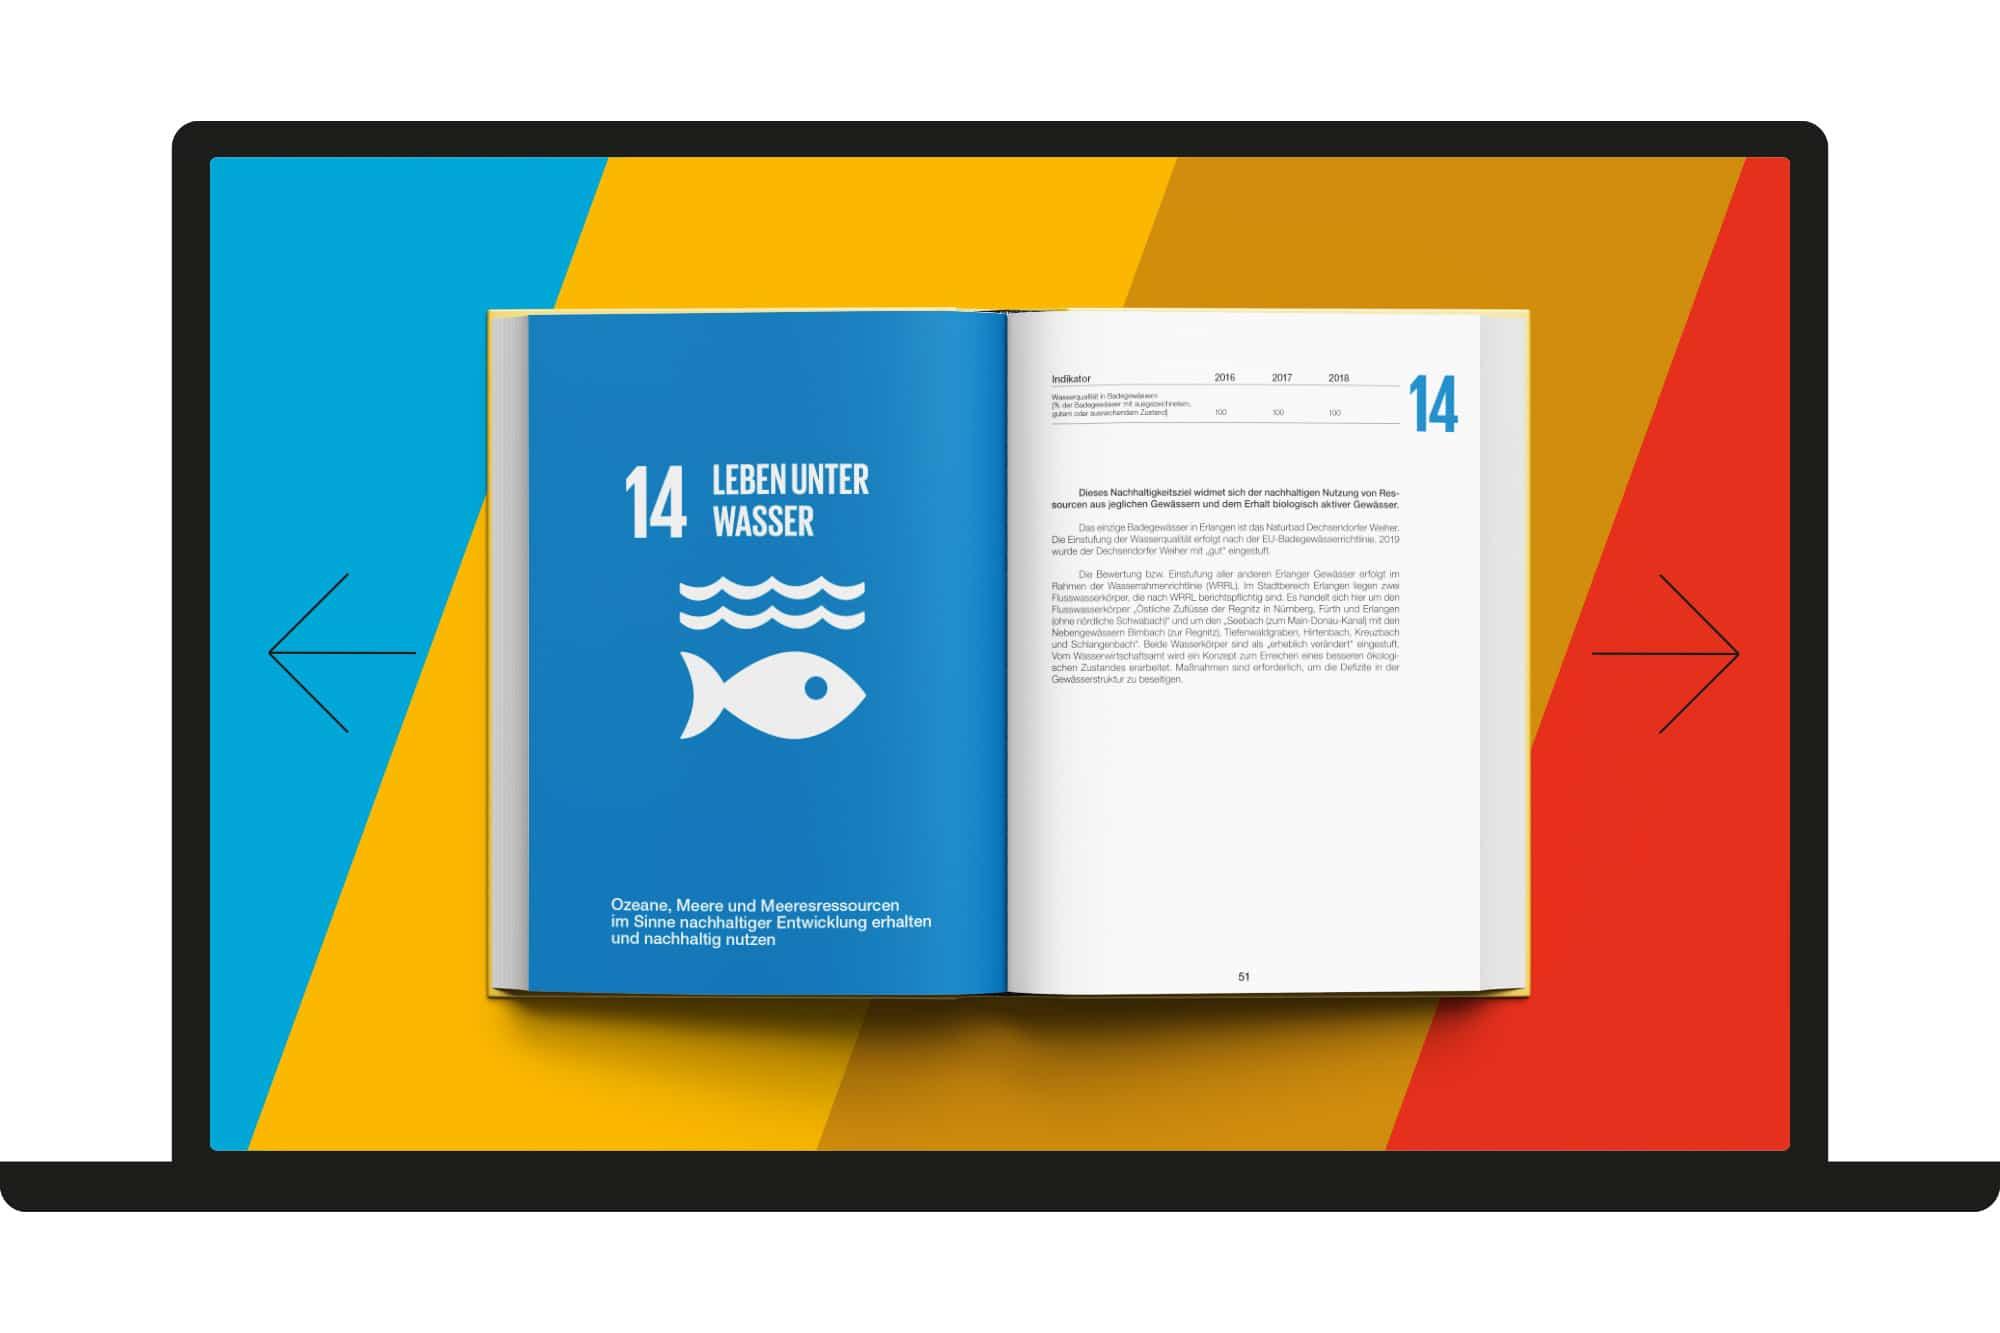 planx-Nachhaltigkeitsbericht-Website